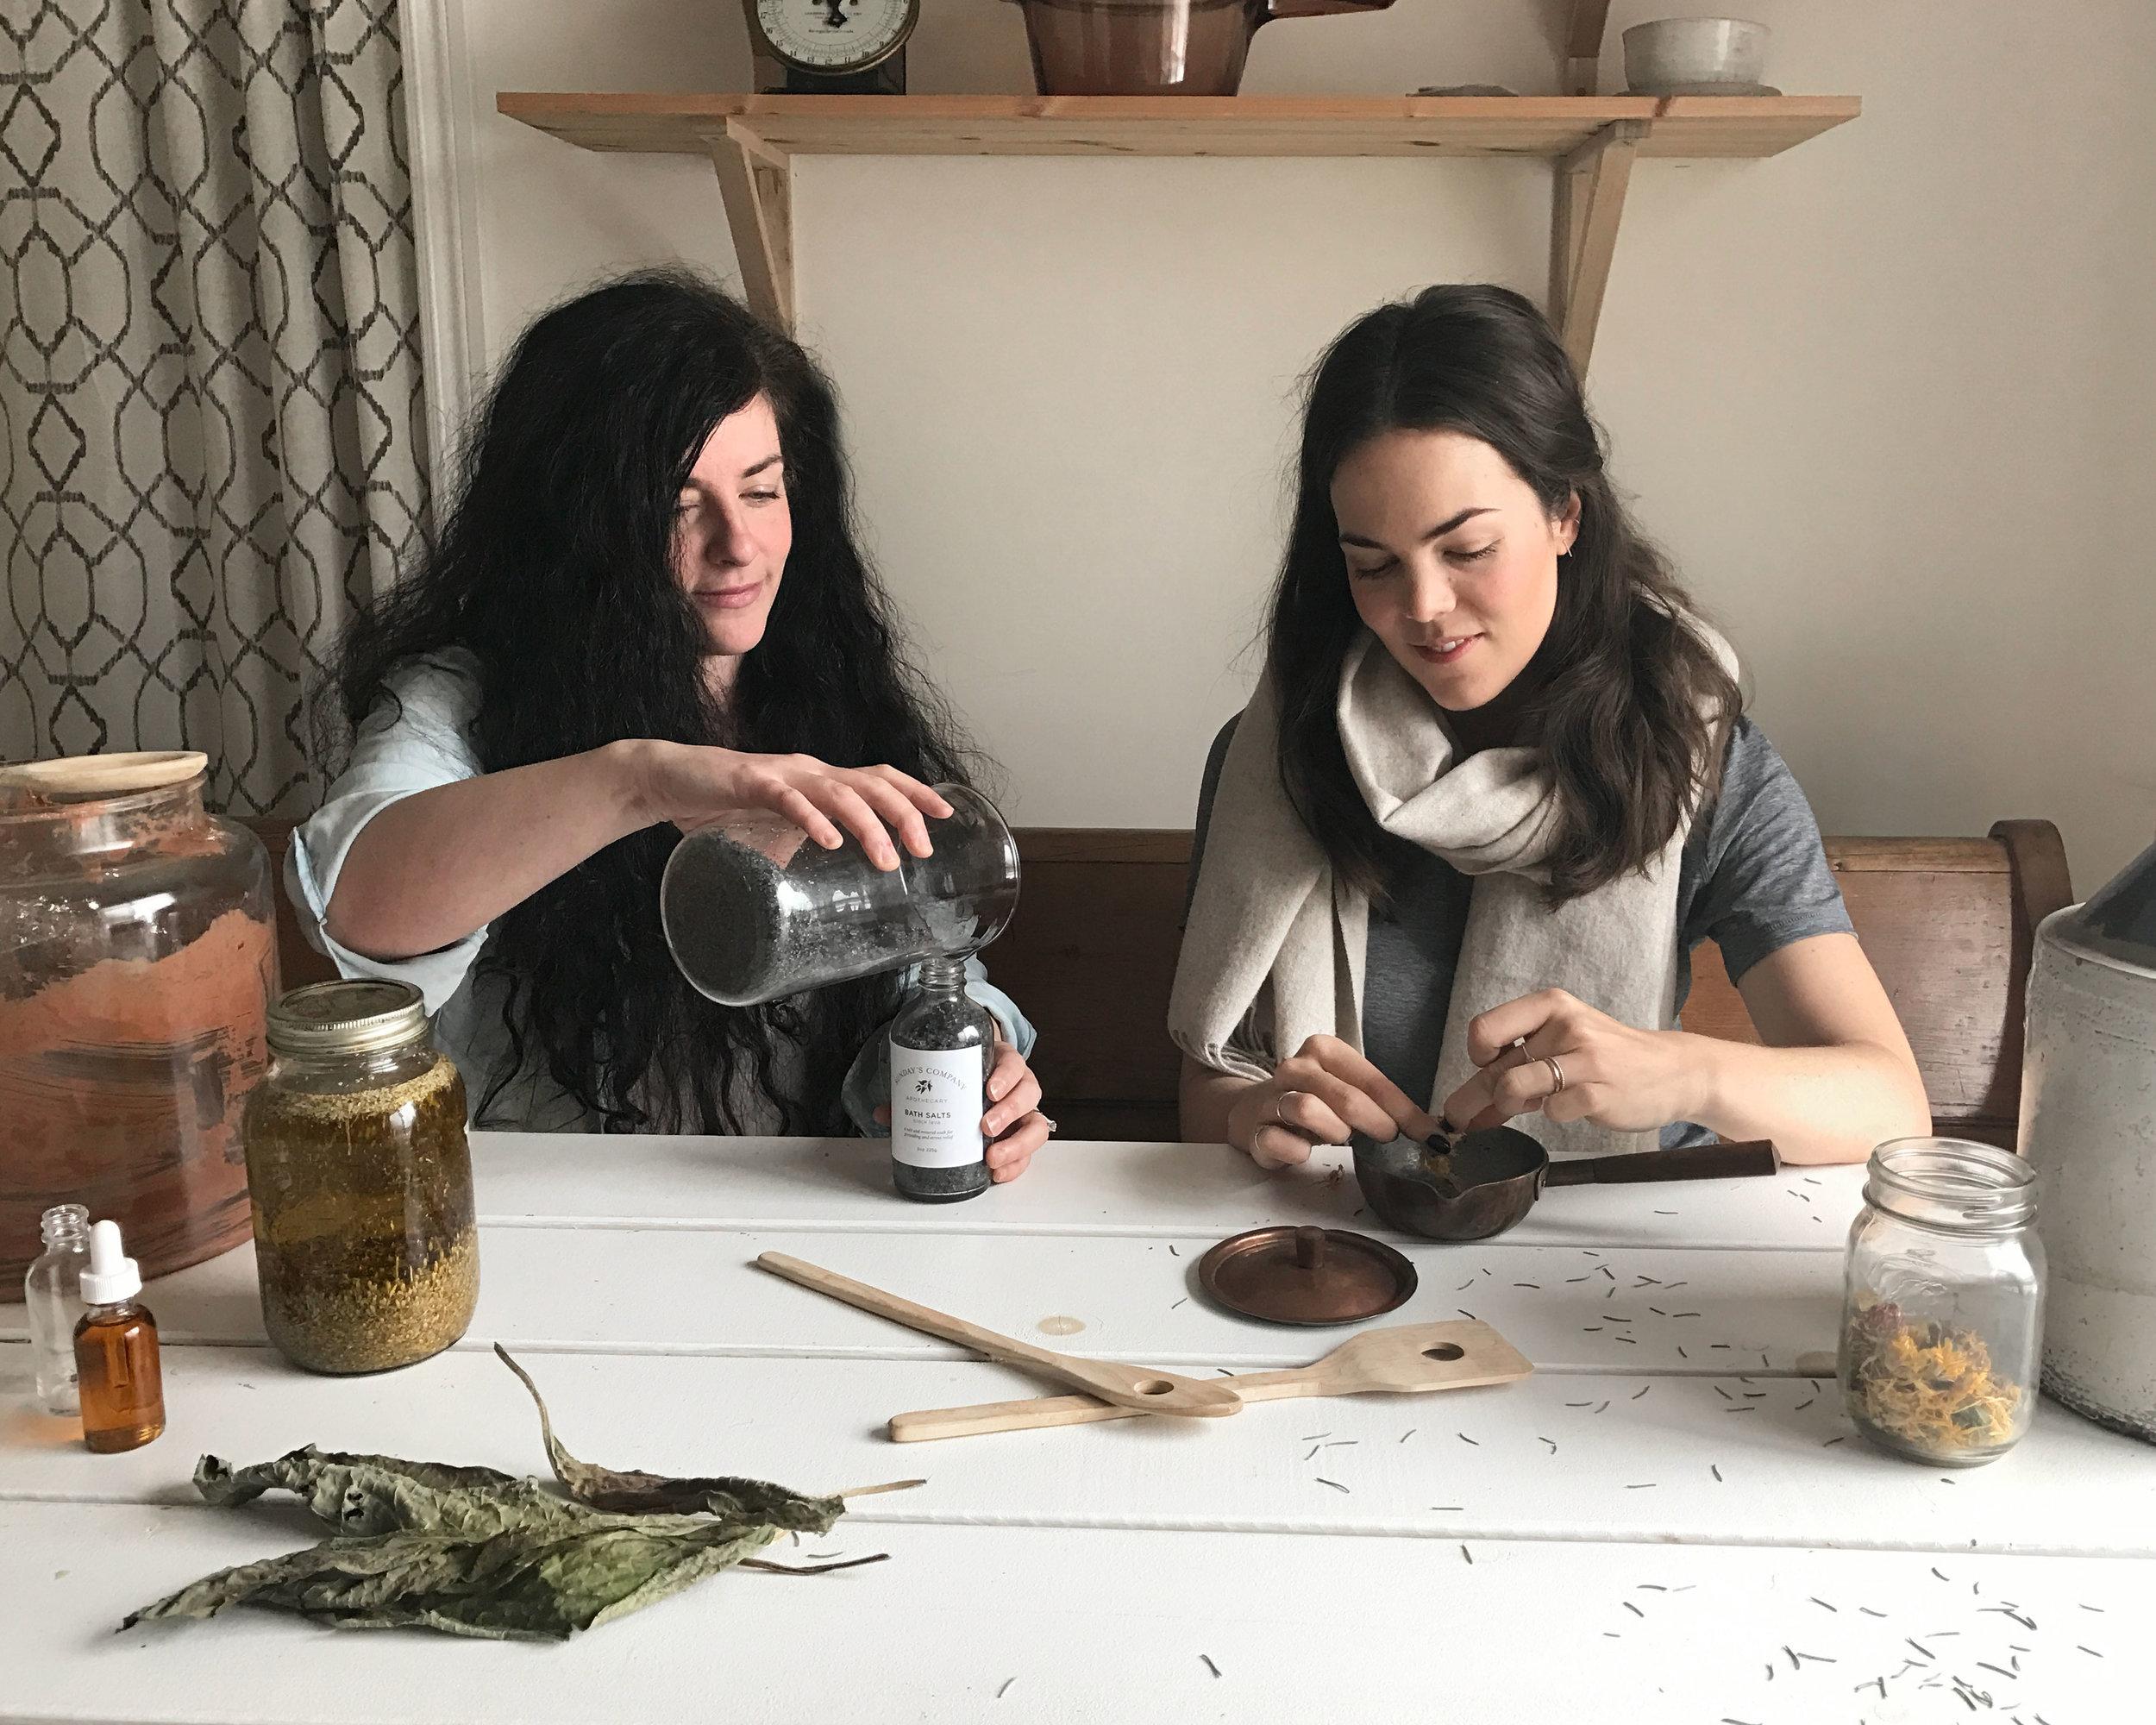 Melissa Condotta (left) and Victoria Beretta (right).